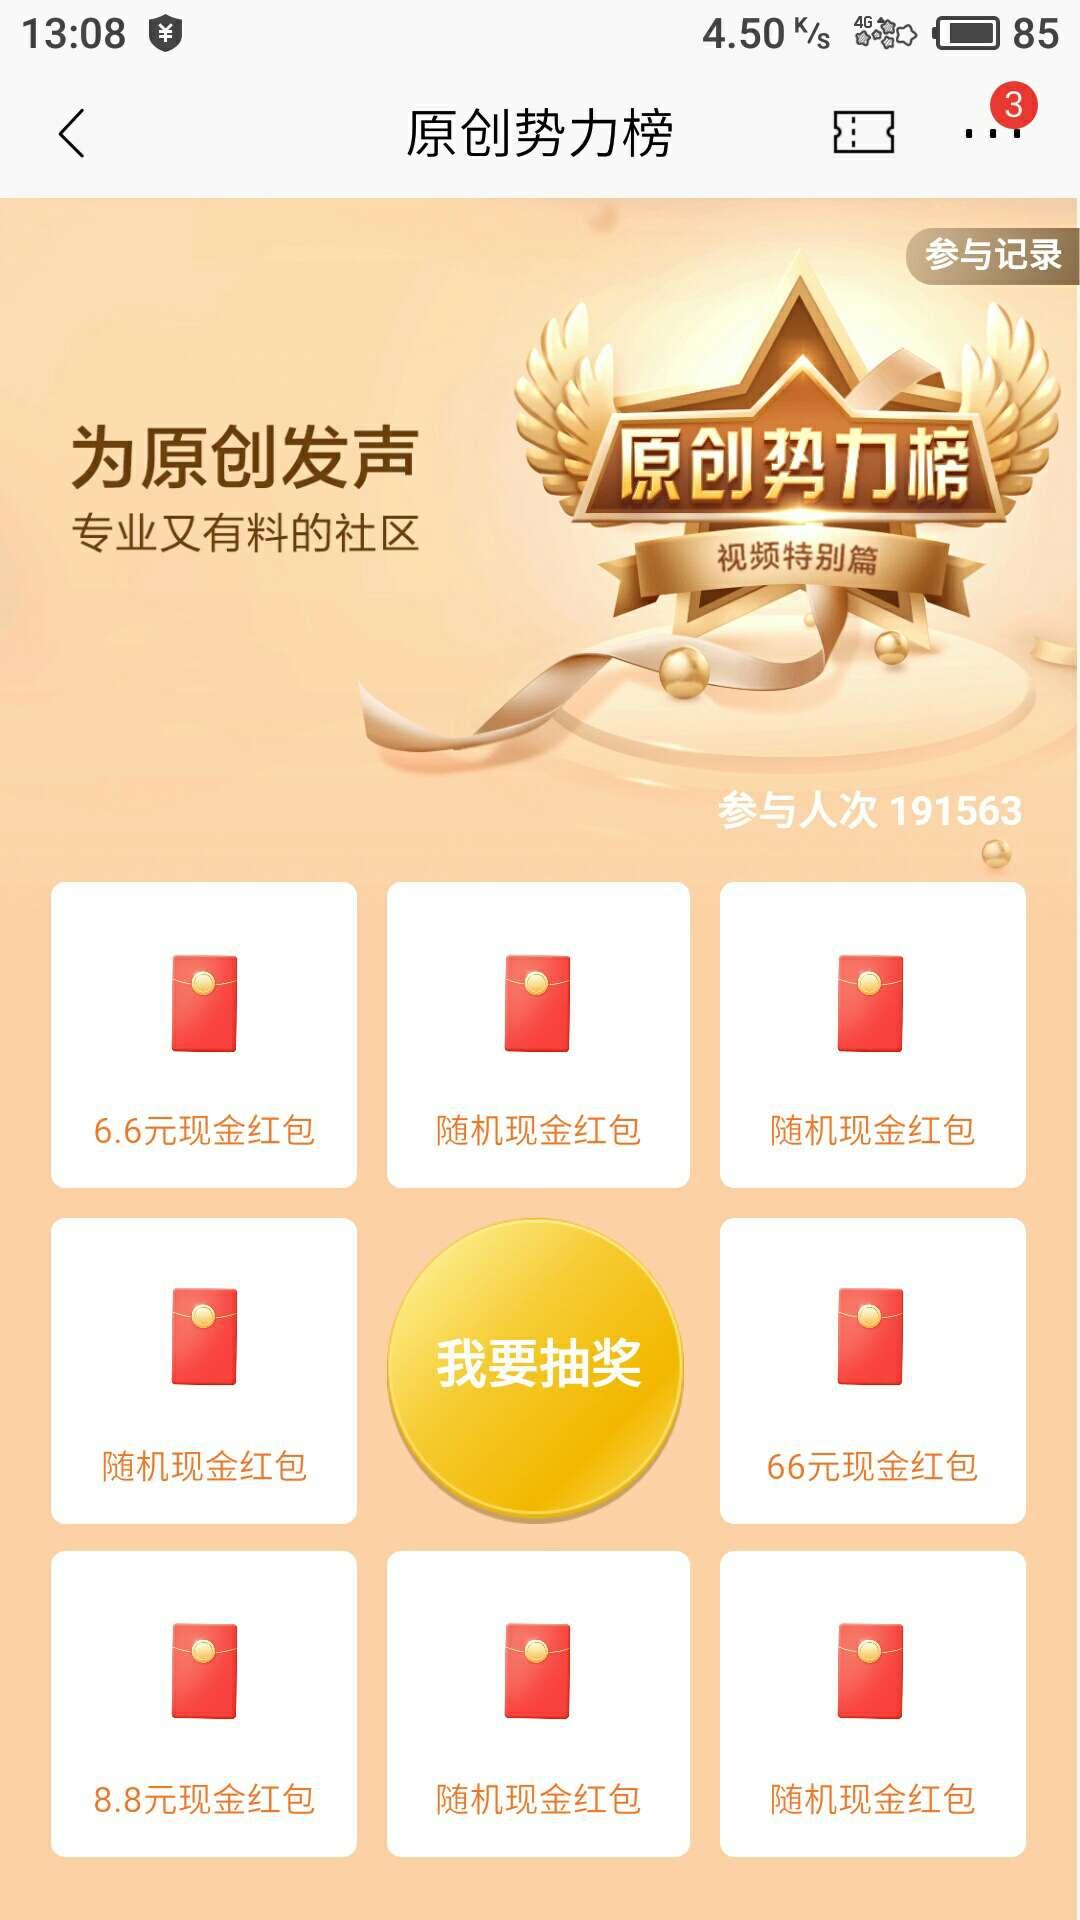 图片[7]-招商银行app最新双活动领现金红包!-老友薅羊毛活动线报网